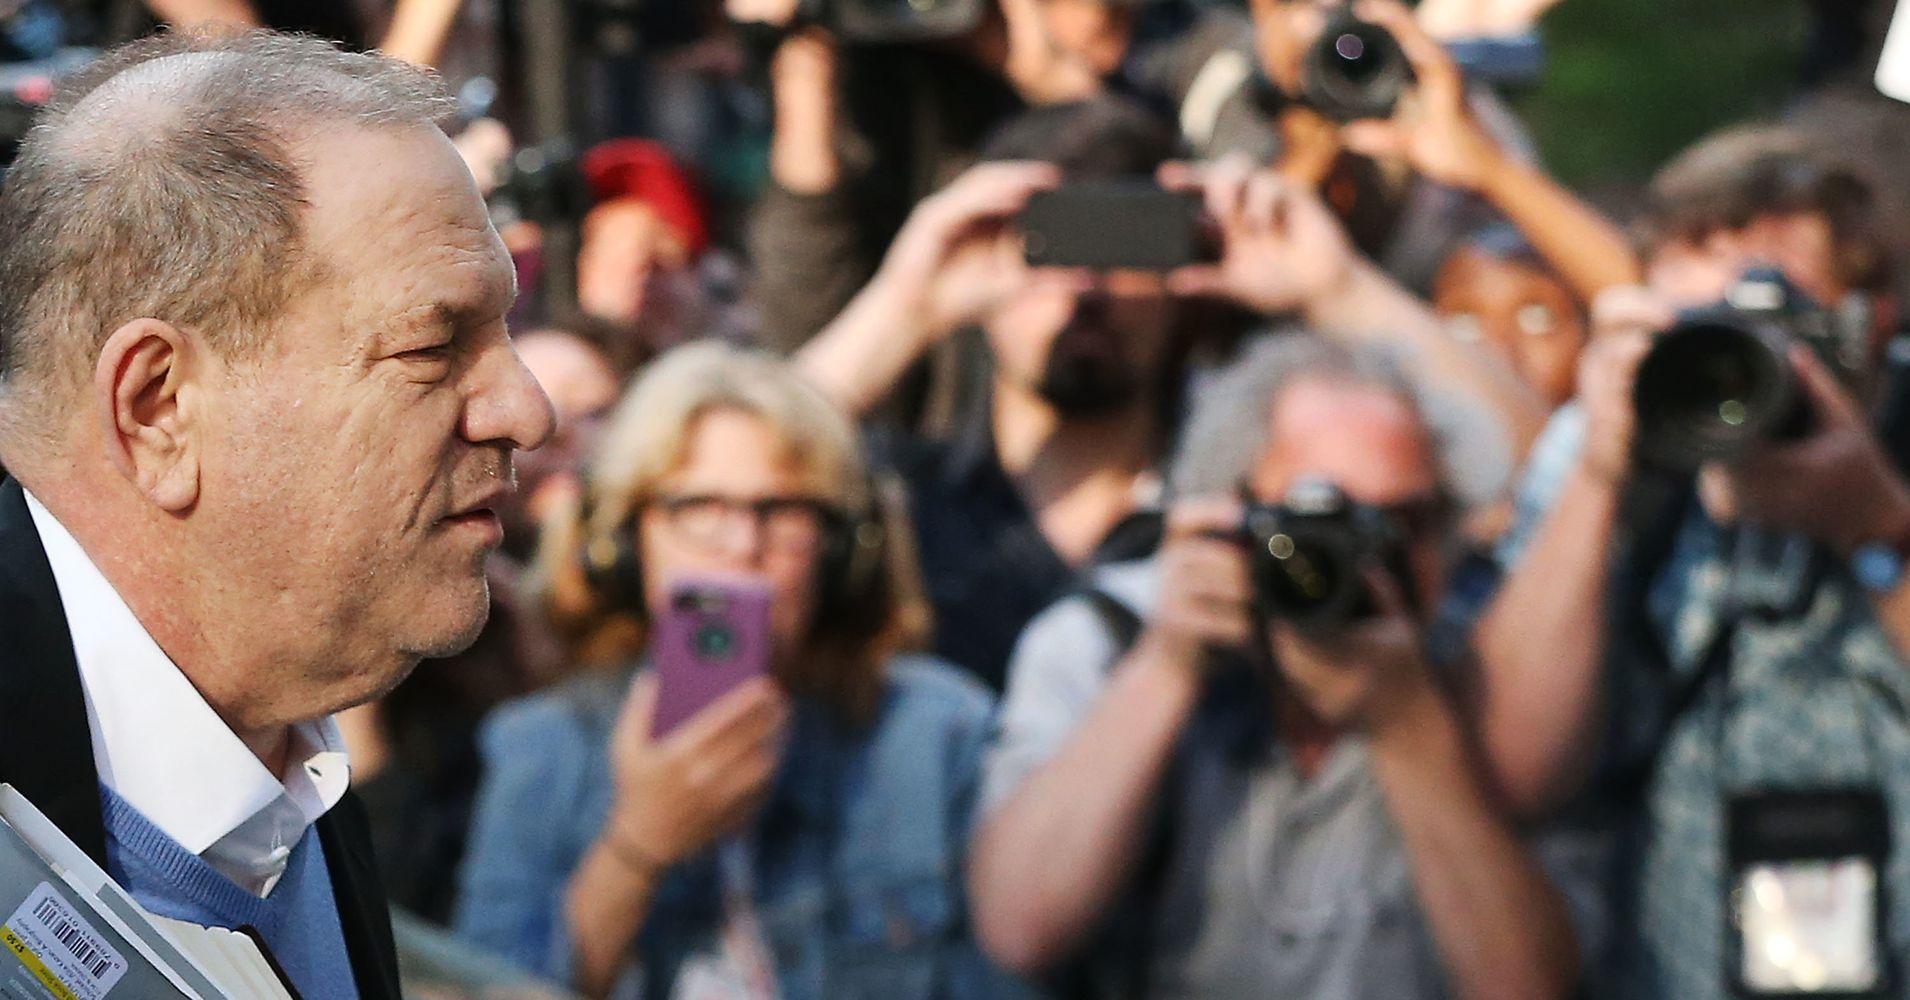 The Joy Of Watching Harvey Weinstein's Perp Walk